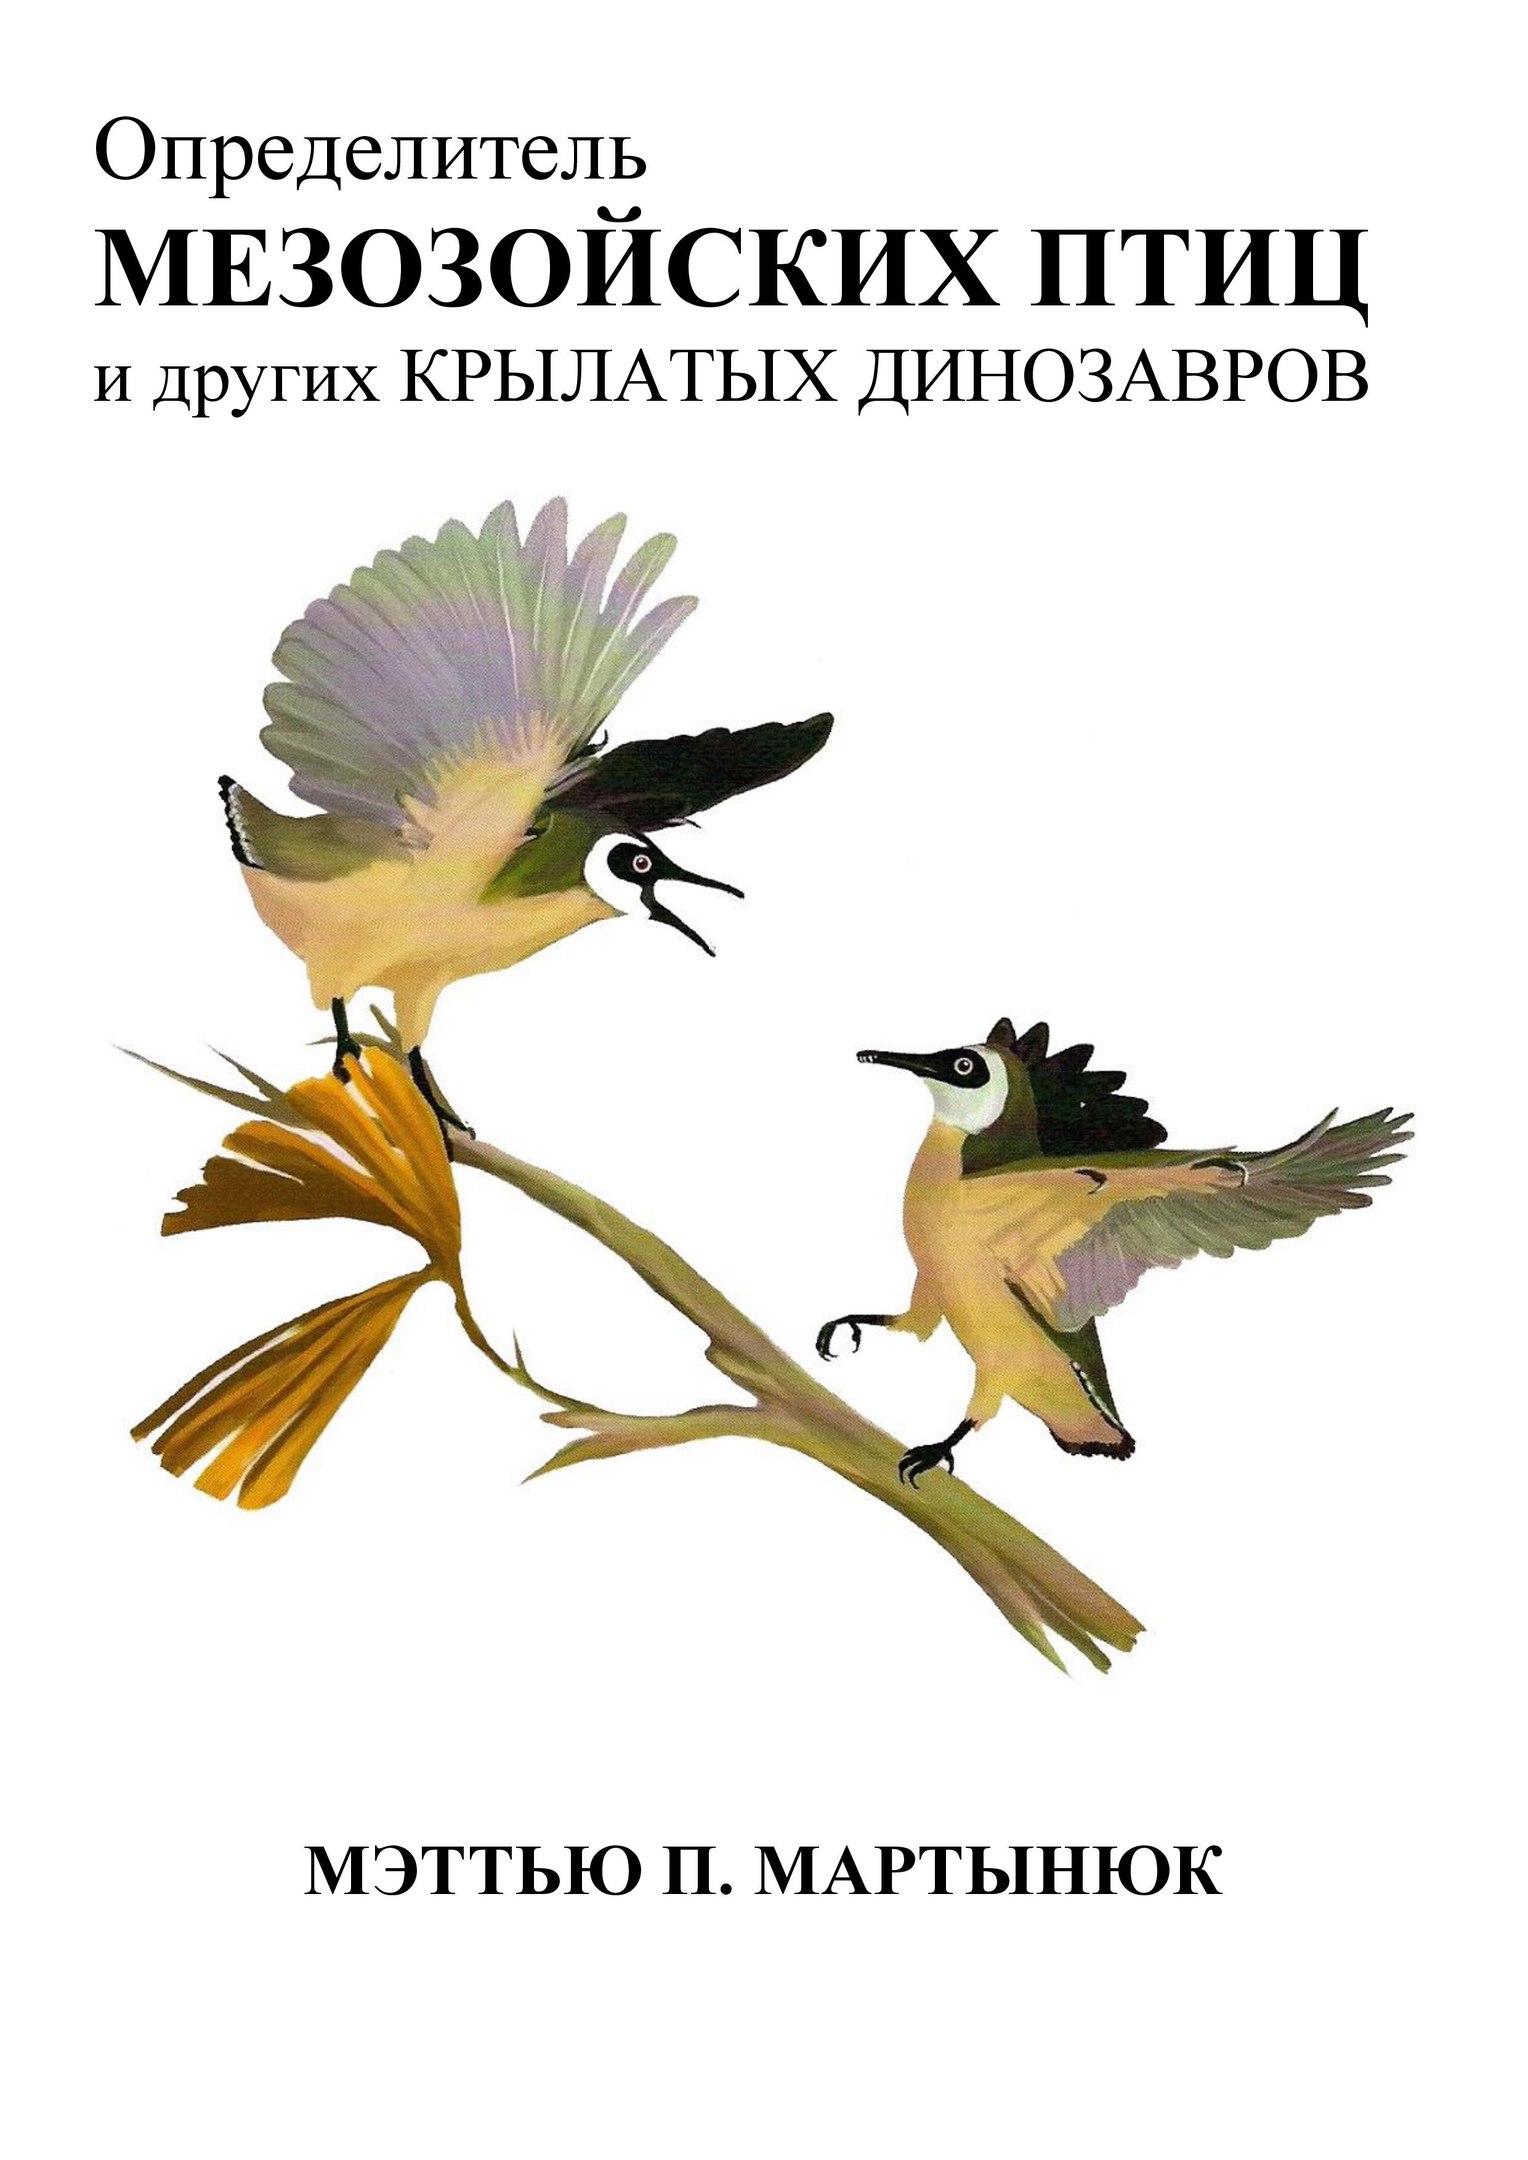 https://pp.userapi.com/c639326/v639326375/1968f/PMgAFWtz-E8.jpg